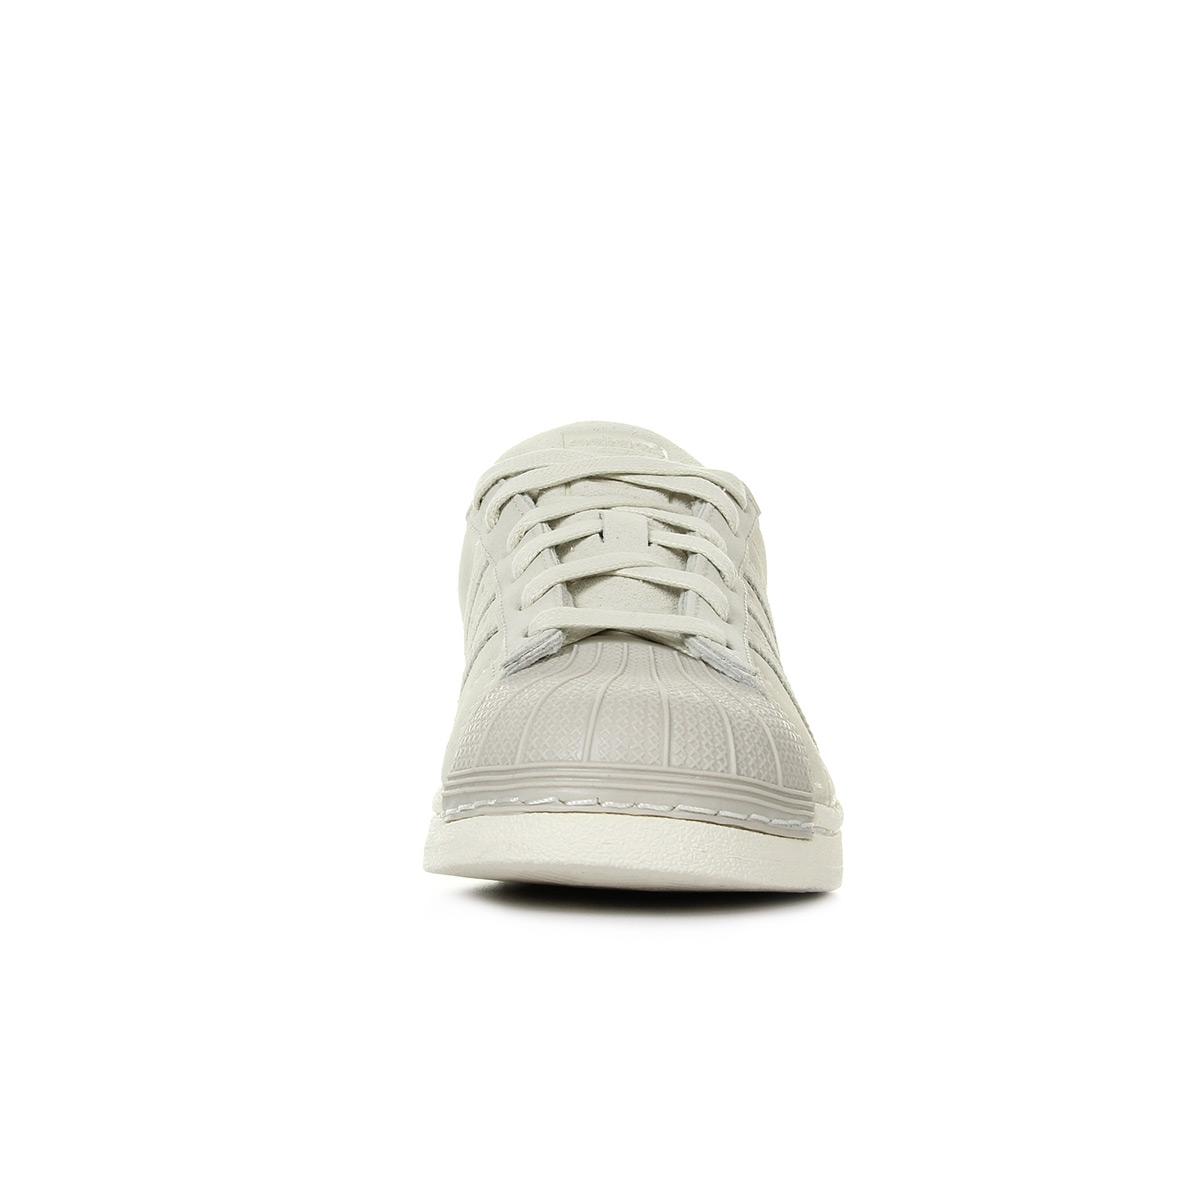 7af92d4f17a adidas Superstar Clear Brown BZ0199 Baskets mode femme Grosses ...